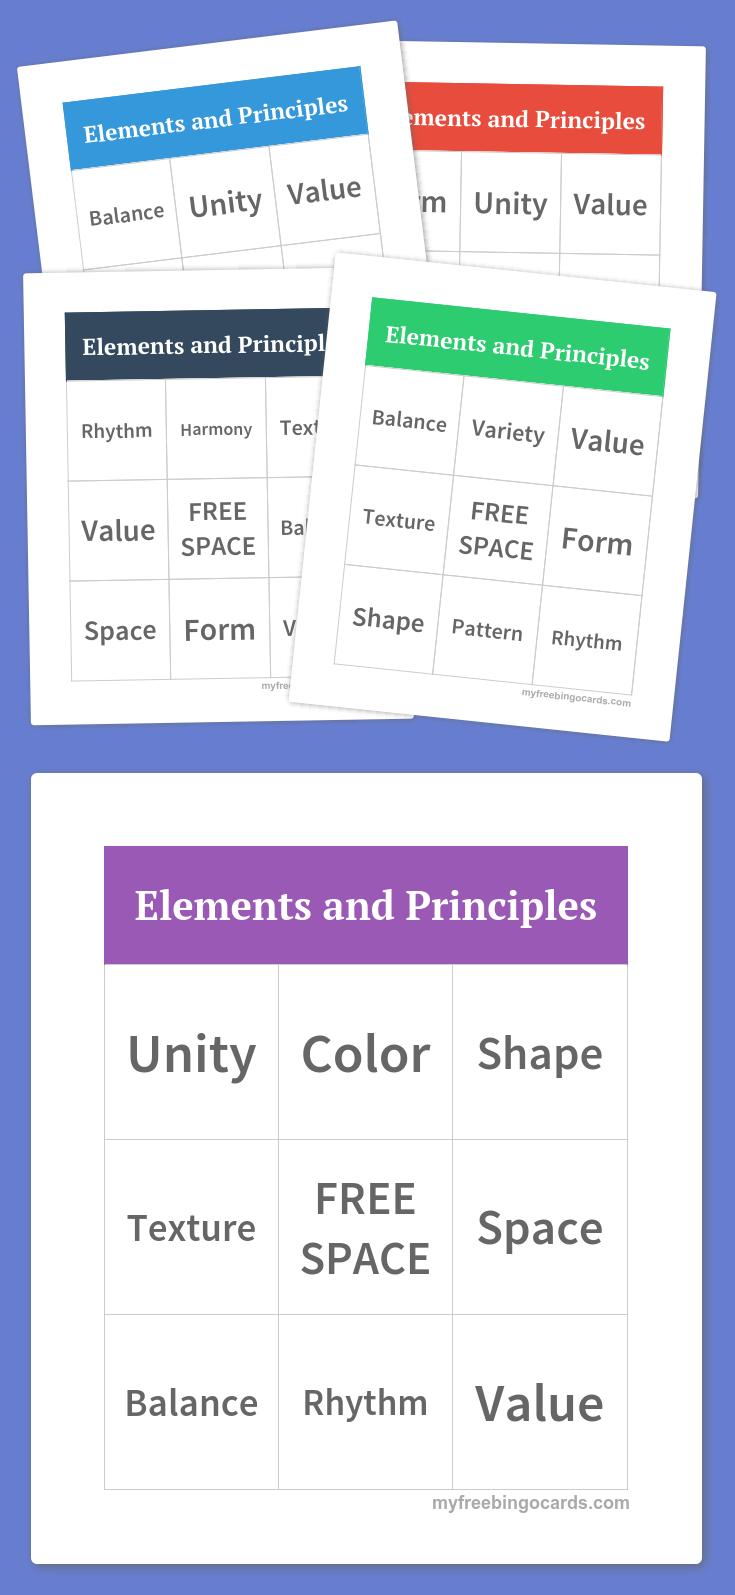 Elements And Principles Bingo | Art Elements And Principles